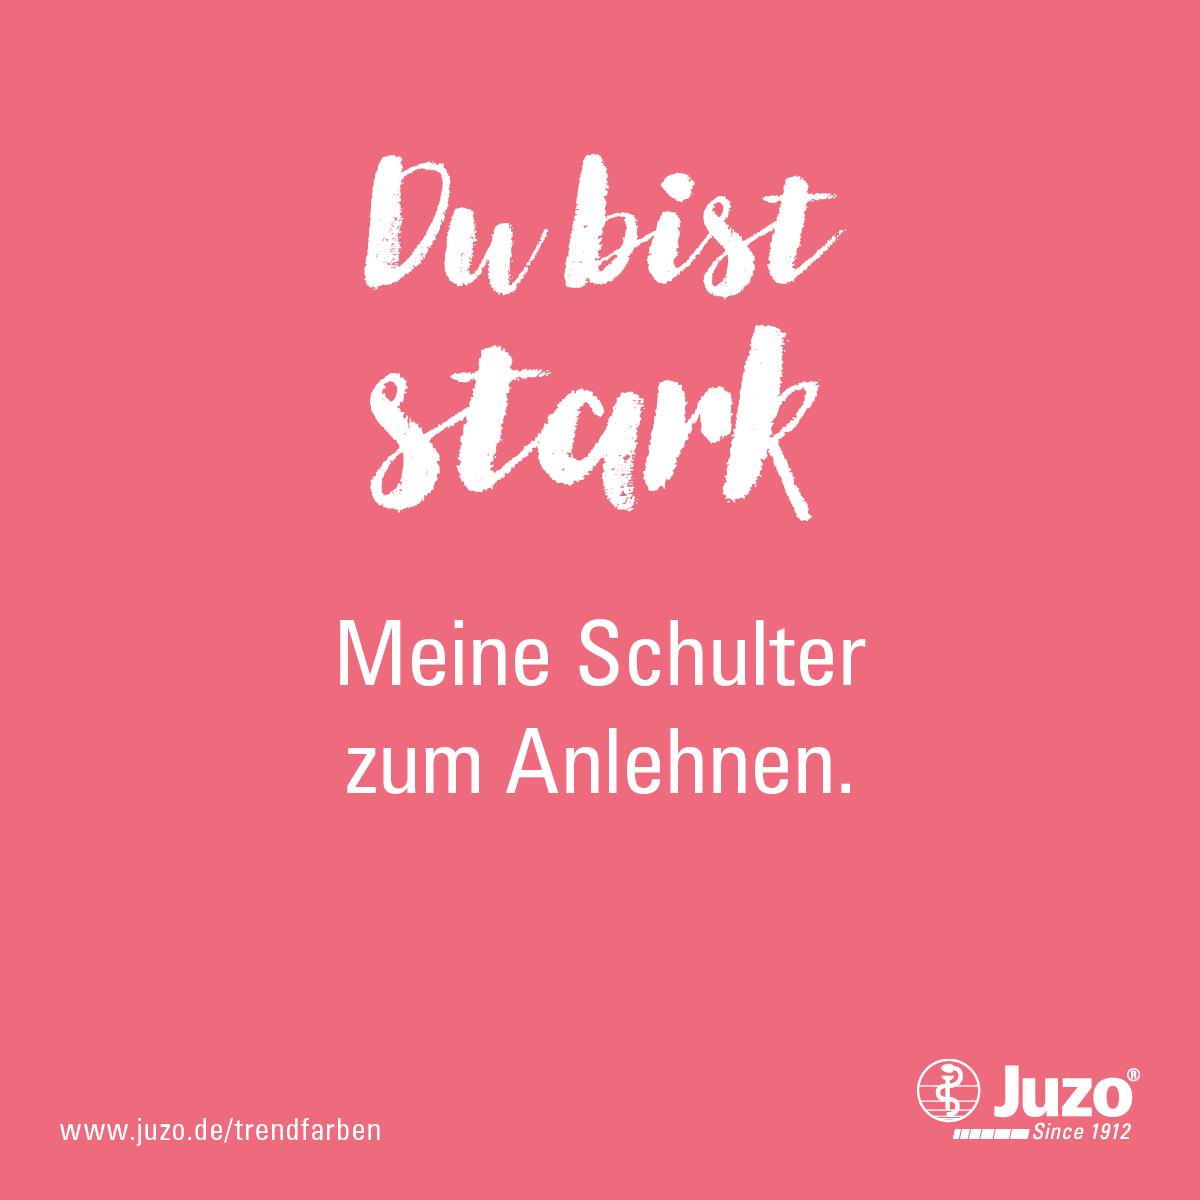 Du Bist Stark Meine Schulter Zum Anlehnen Juzo Trendfarben 2018